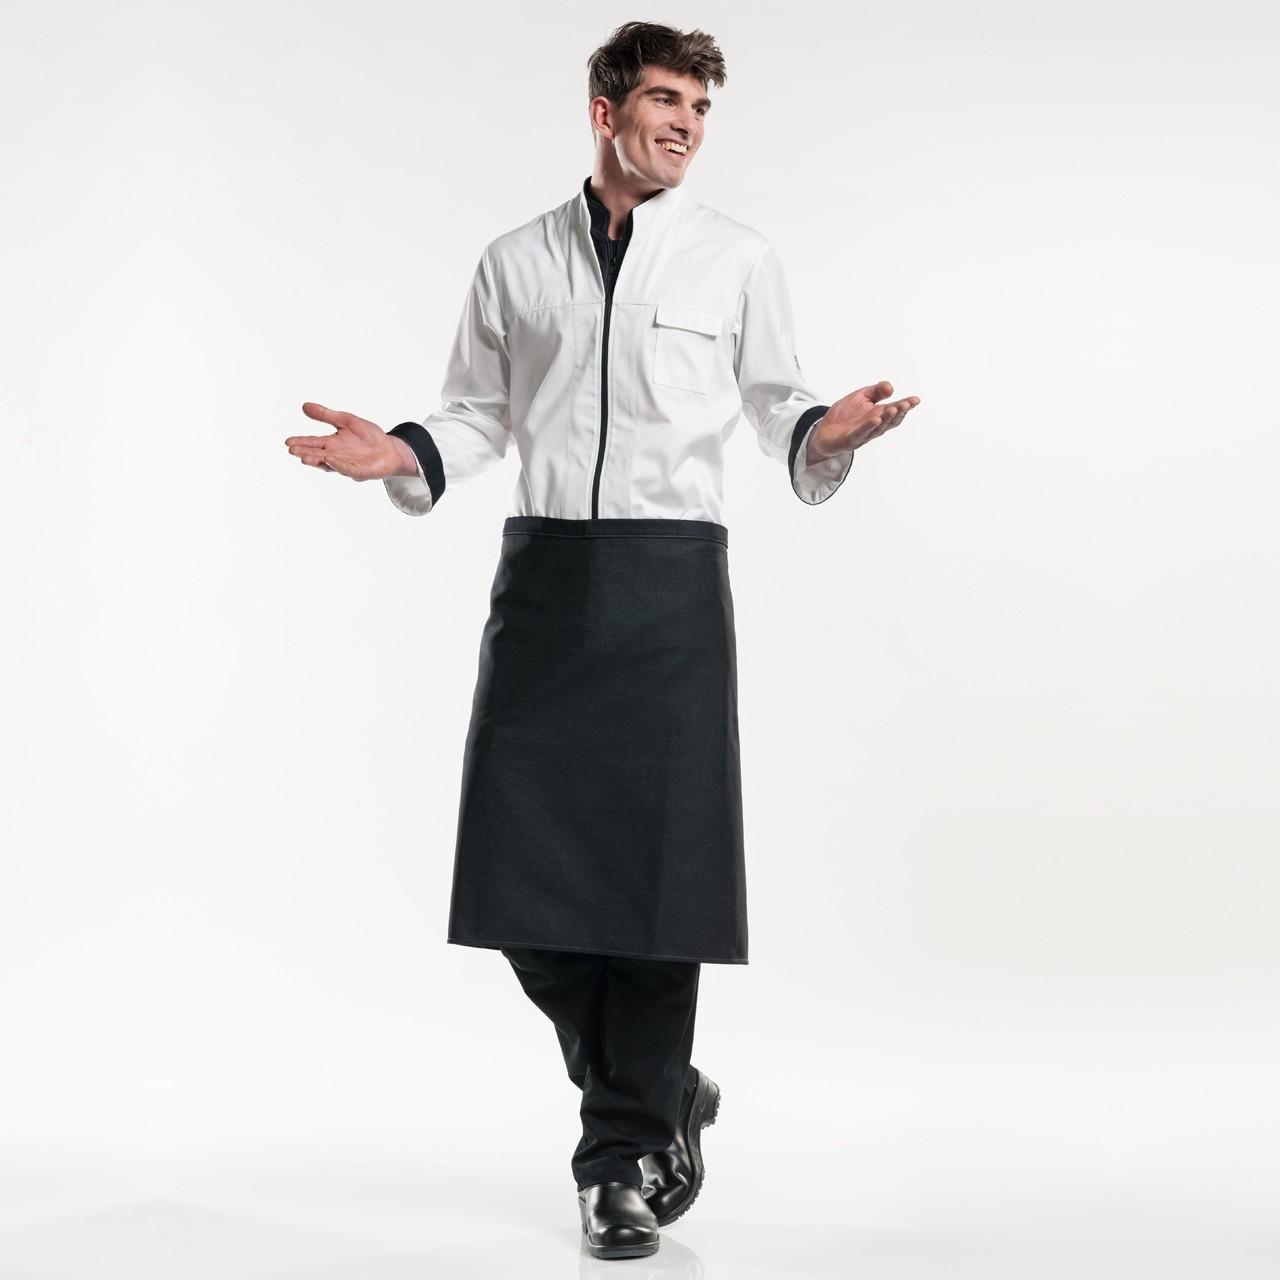 Jeans Kellnerschürze ohne Tasche Chaud Devant®   bedrucken, besticken, bedrucken lassen, besticken lassen, mit Logo  